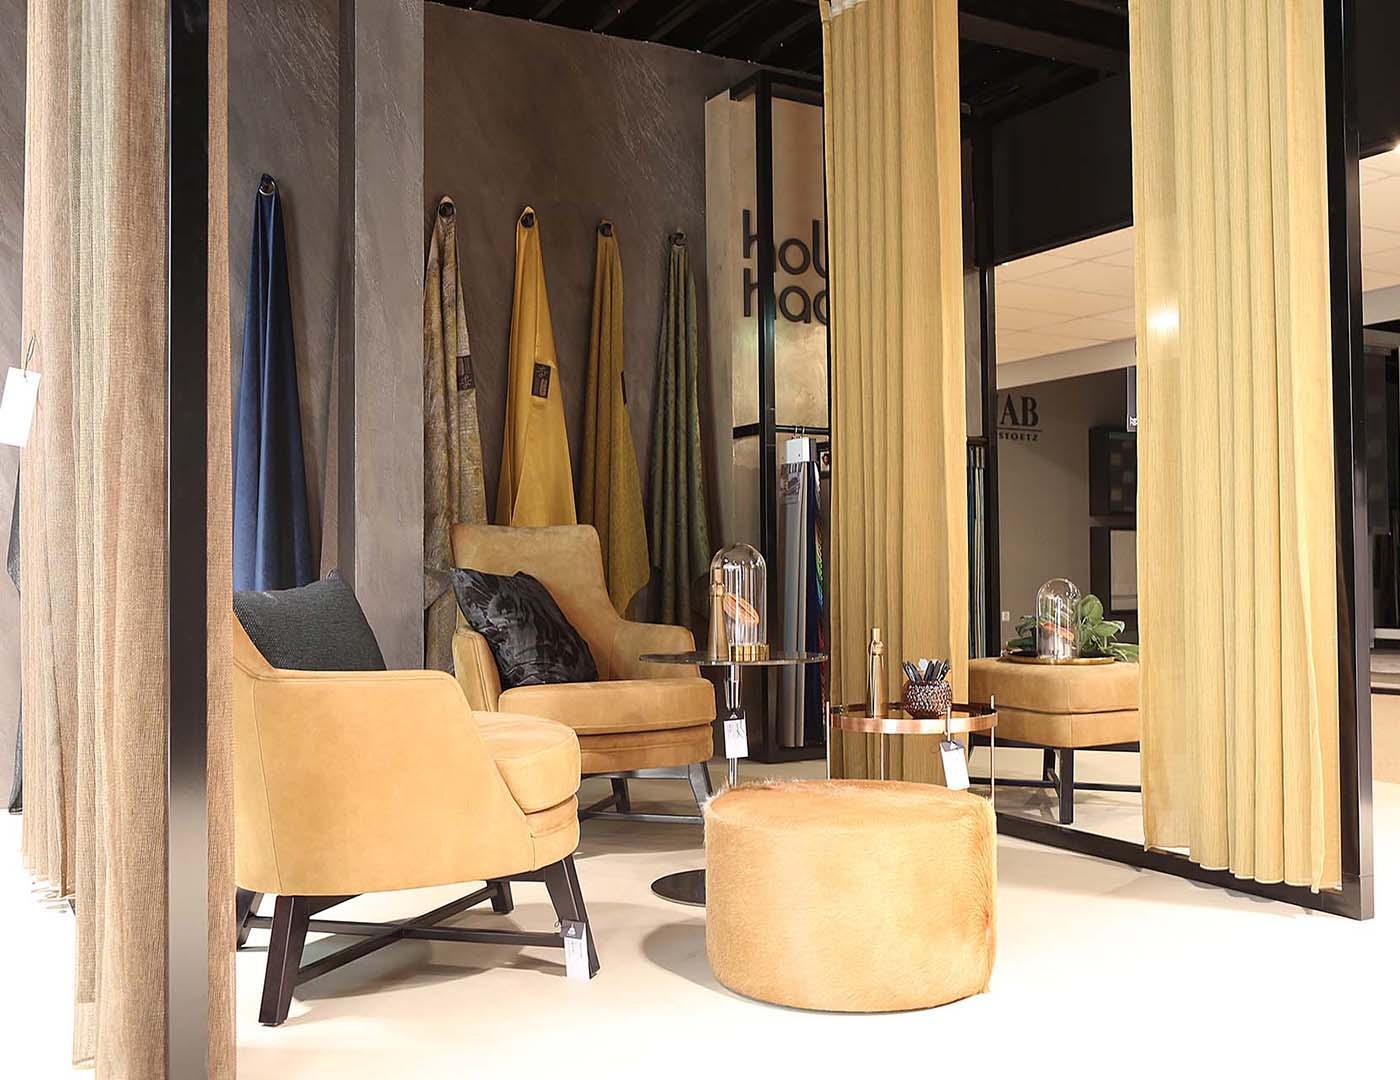 Showroom Holland Haag